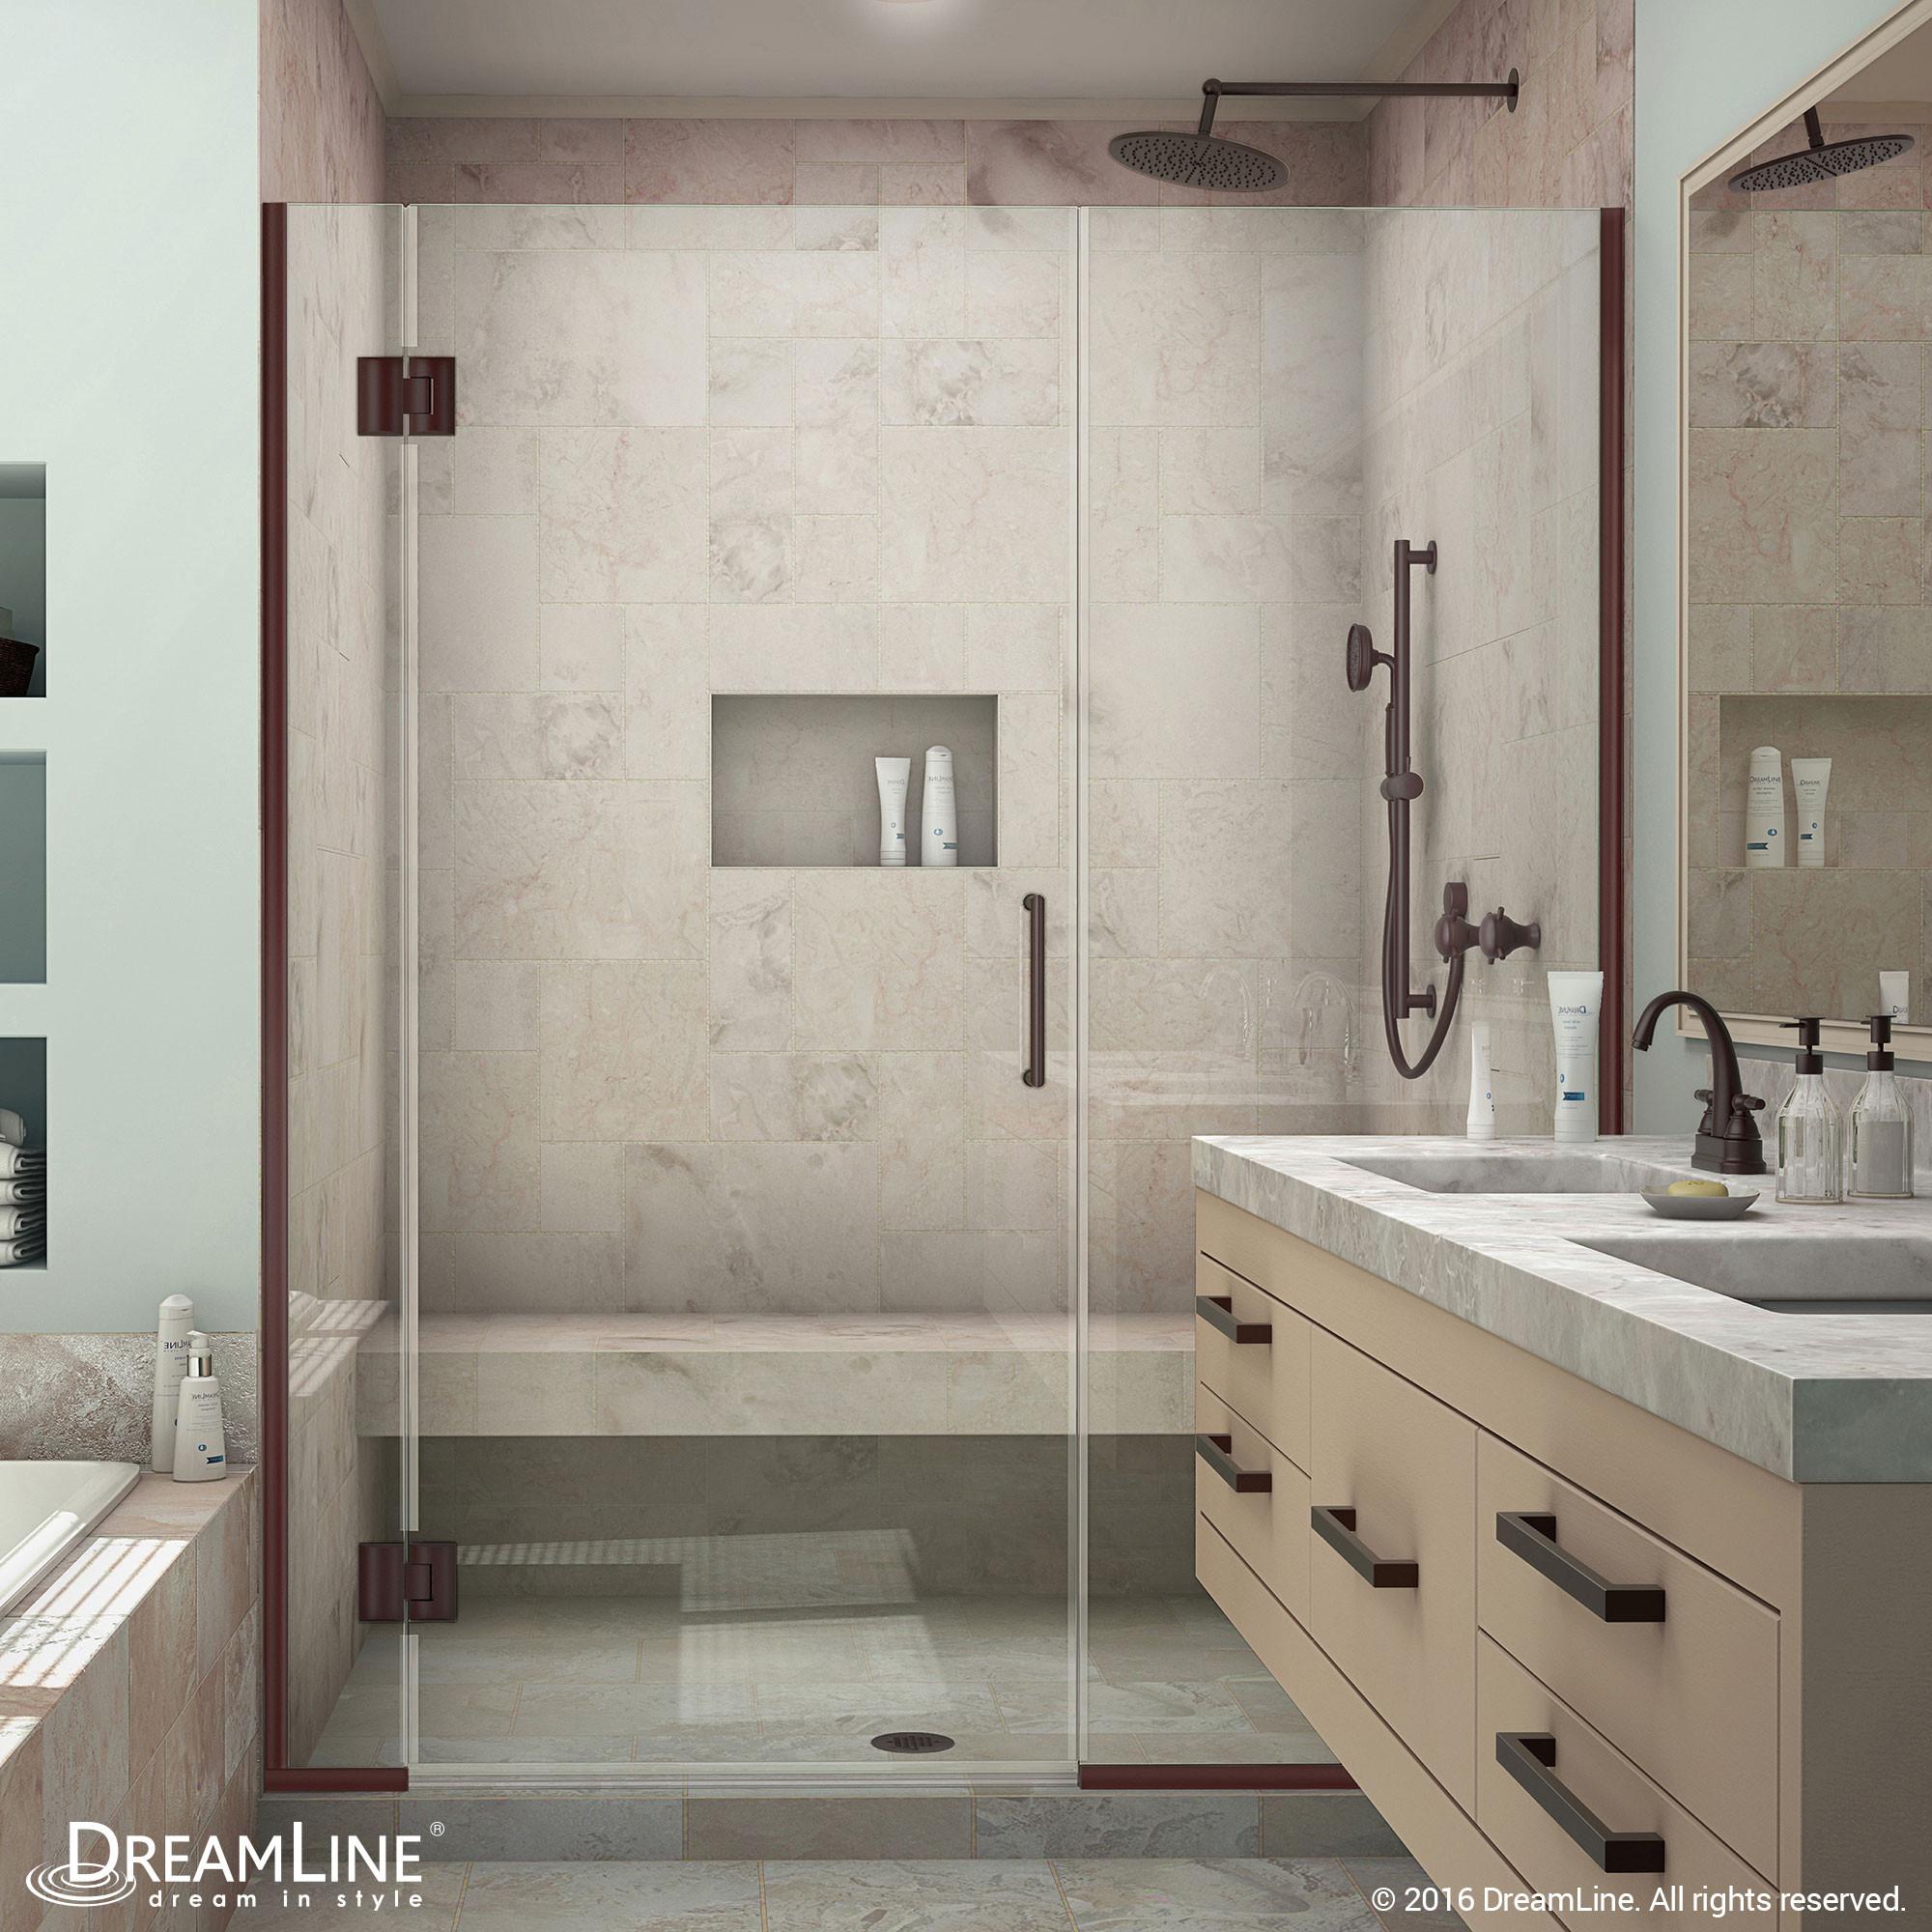 DreamLine D1241472-06 Oil Rubbed Bronze Unidoor-X 44 - 44 1/2 in. W x 72 in. H Hinged Shower Door